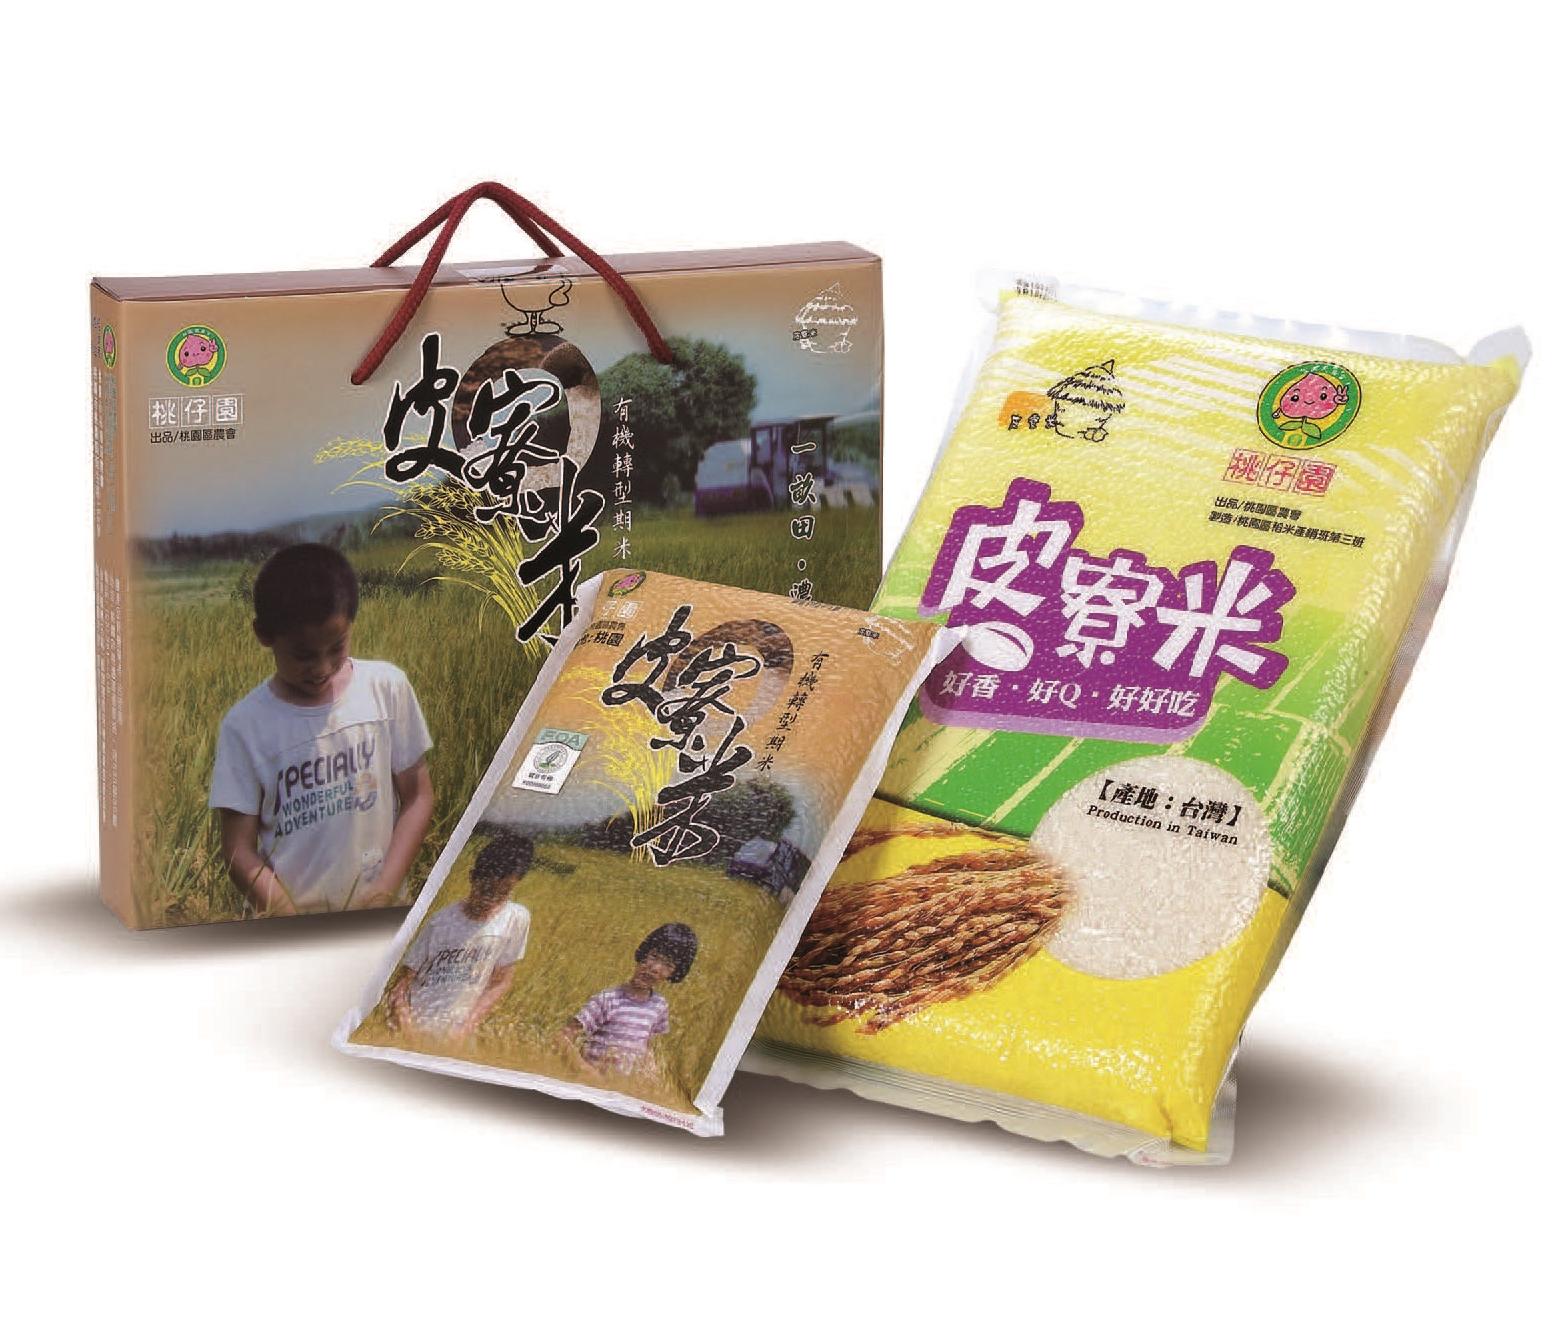 桃園區品牌米-皮寮米照片